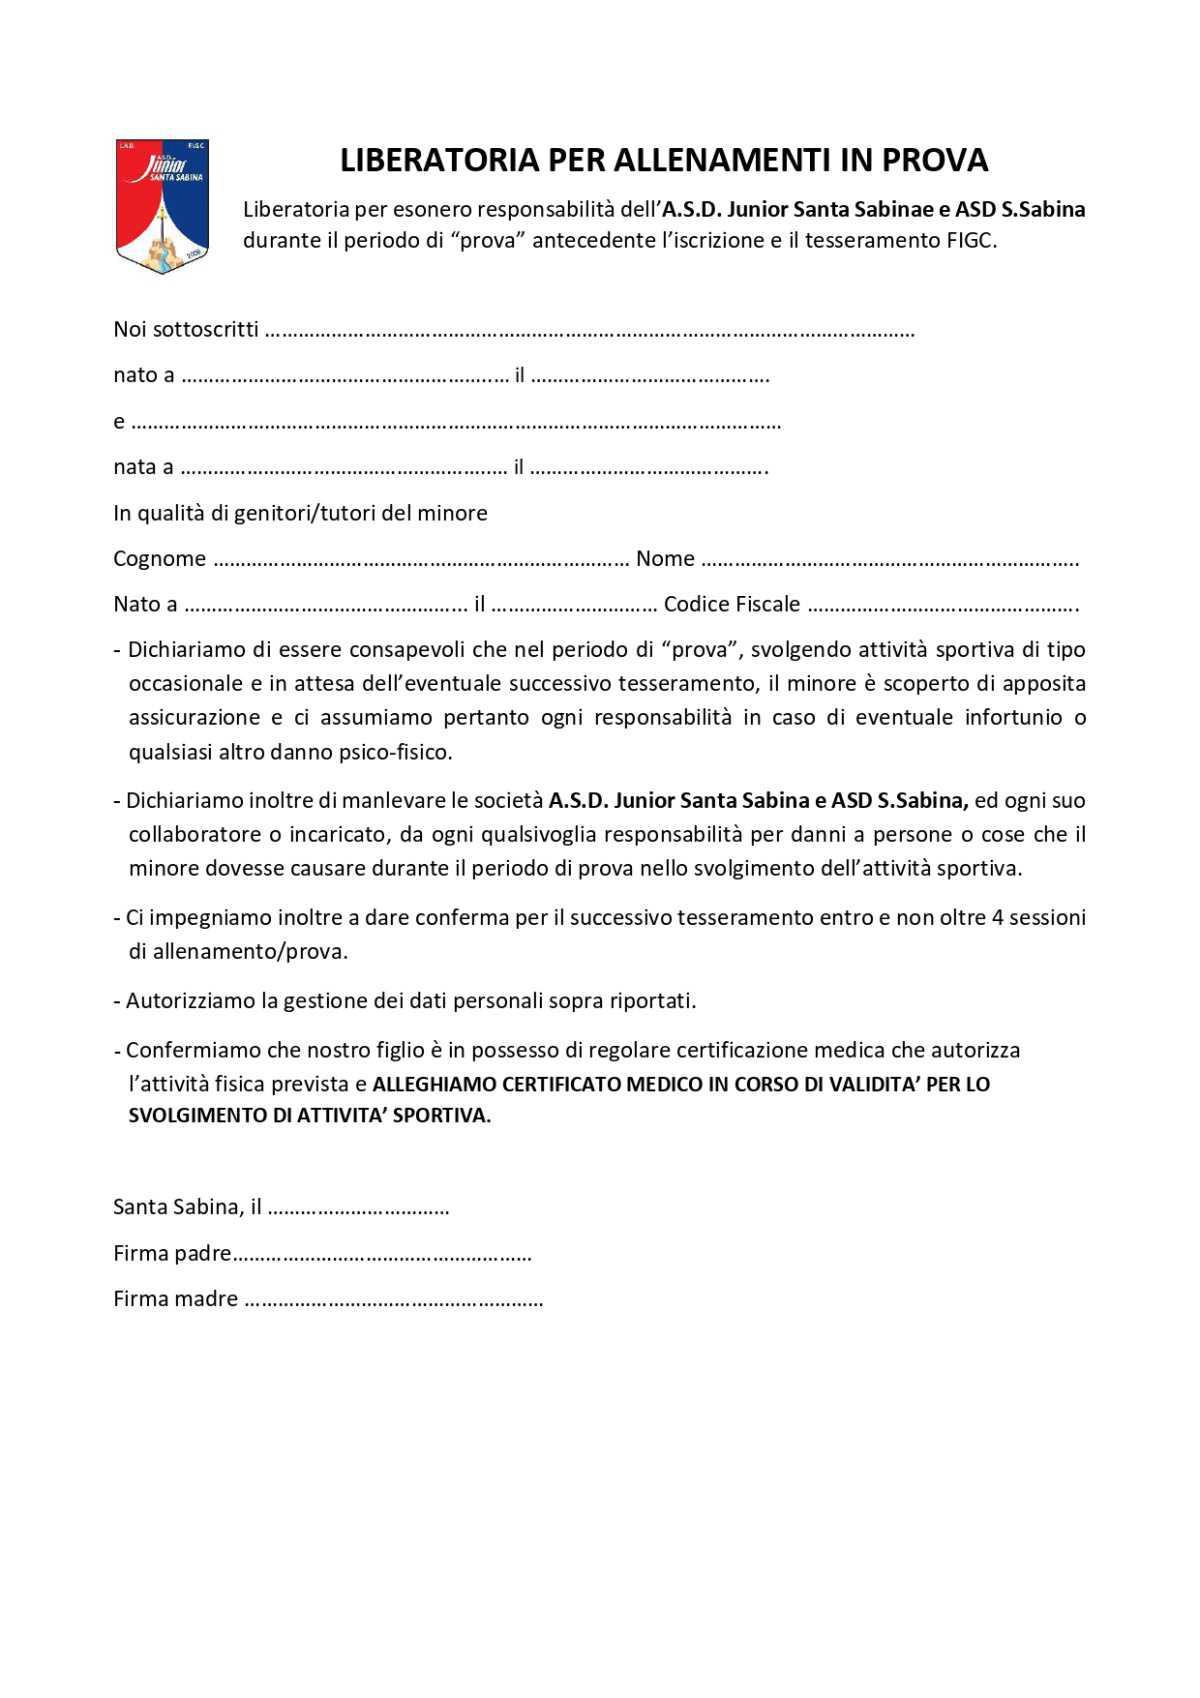 Convocazione Iniziale - INIZIO ATTIVITA' 2021/2022